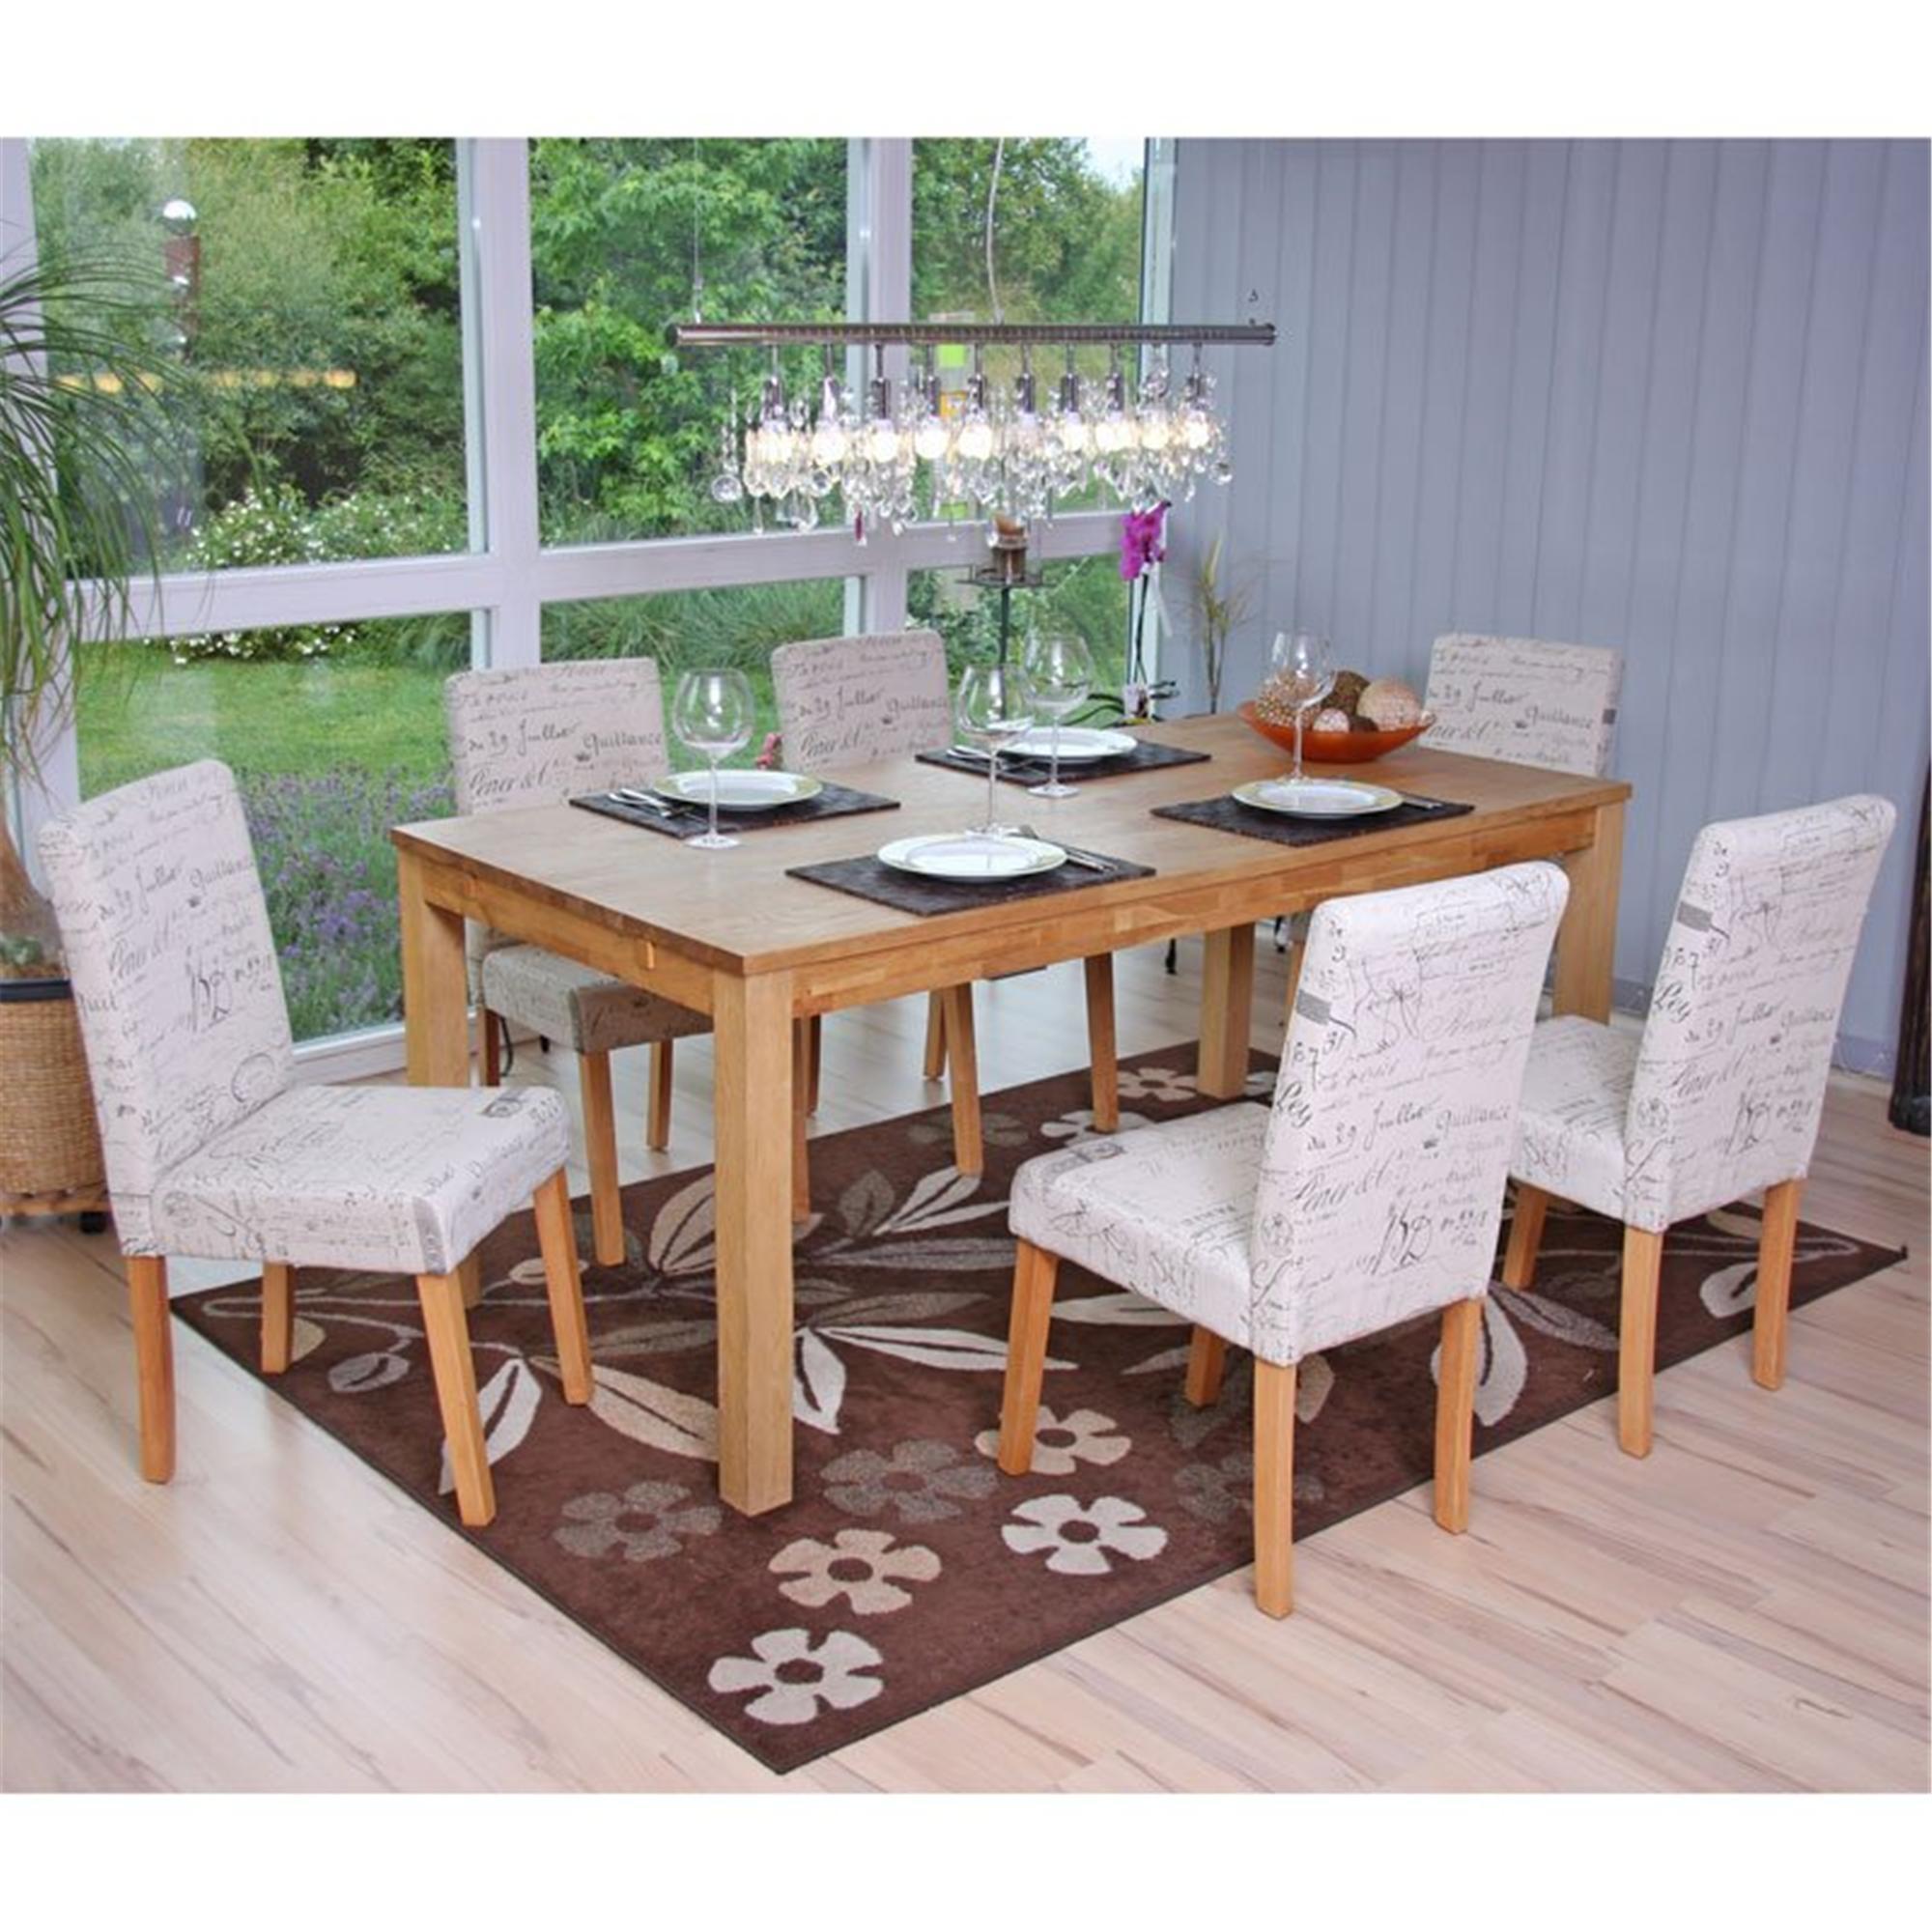 Conjunto de 6 sillas dali tejido crema con motivos patas for Conjunto sillas comedor